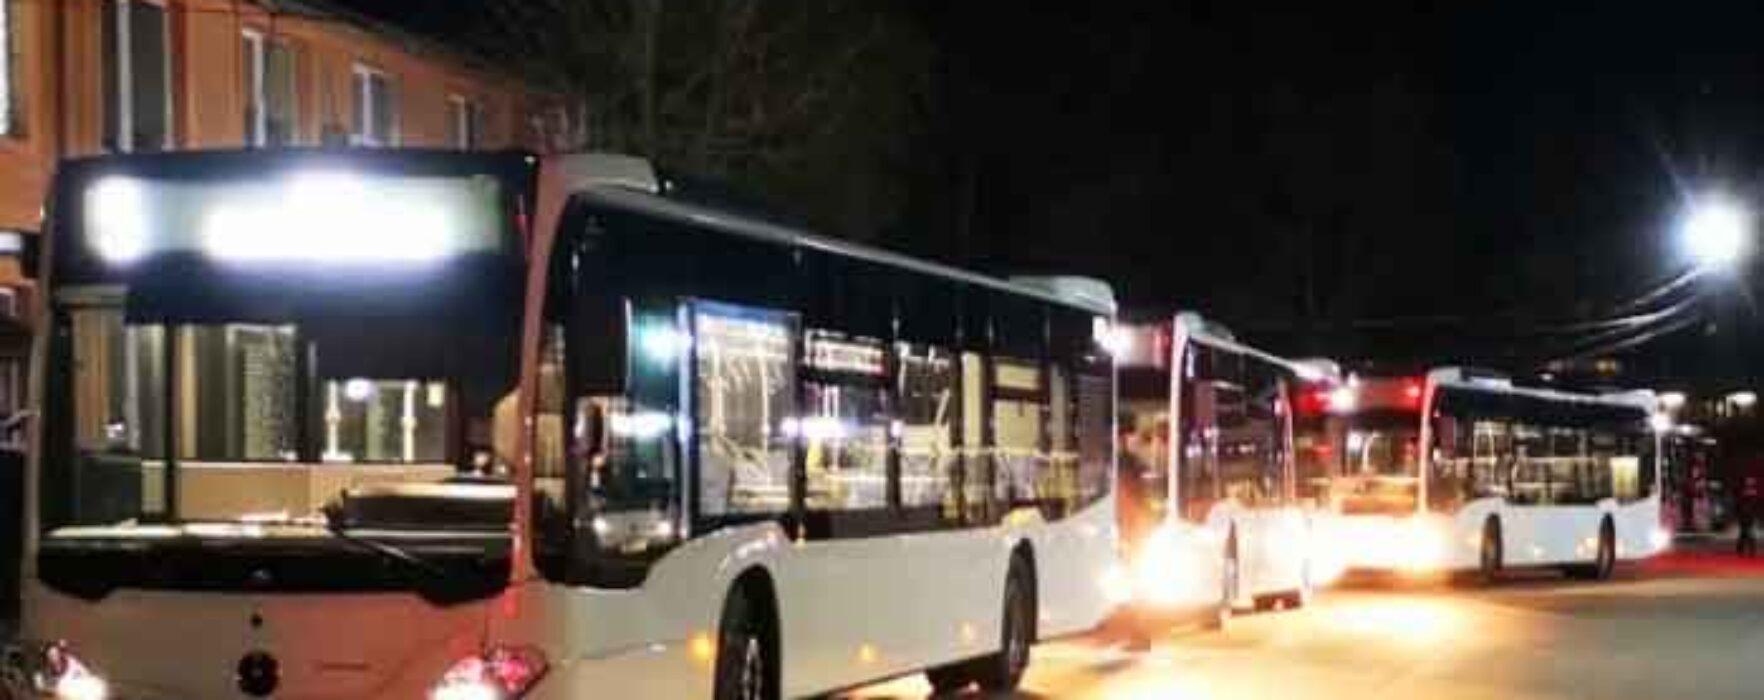 Dâmboviţa: Un tânăr a atacat cu o sabie un autobuz de transport public, a spart un geam, dar nu a rănit pe nimeni